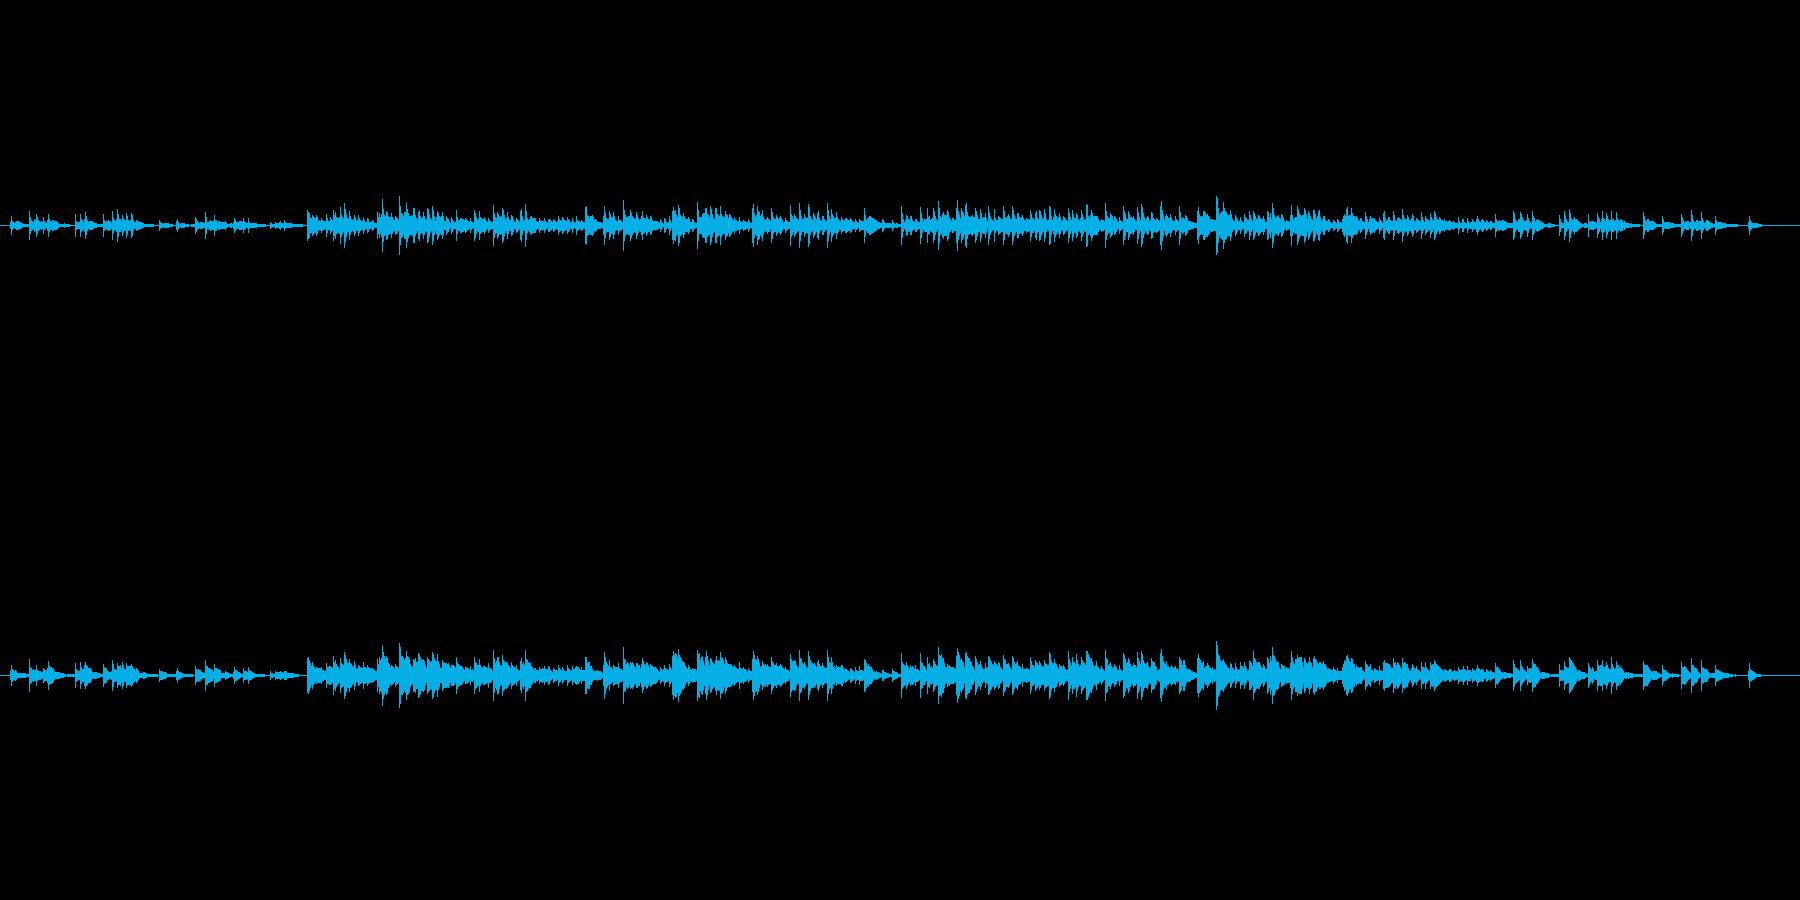 やさしいオルゴールの響きの再生済みの波形